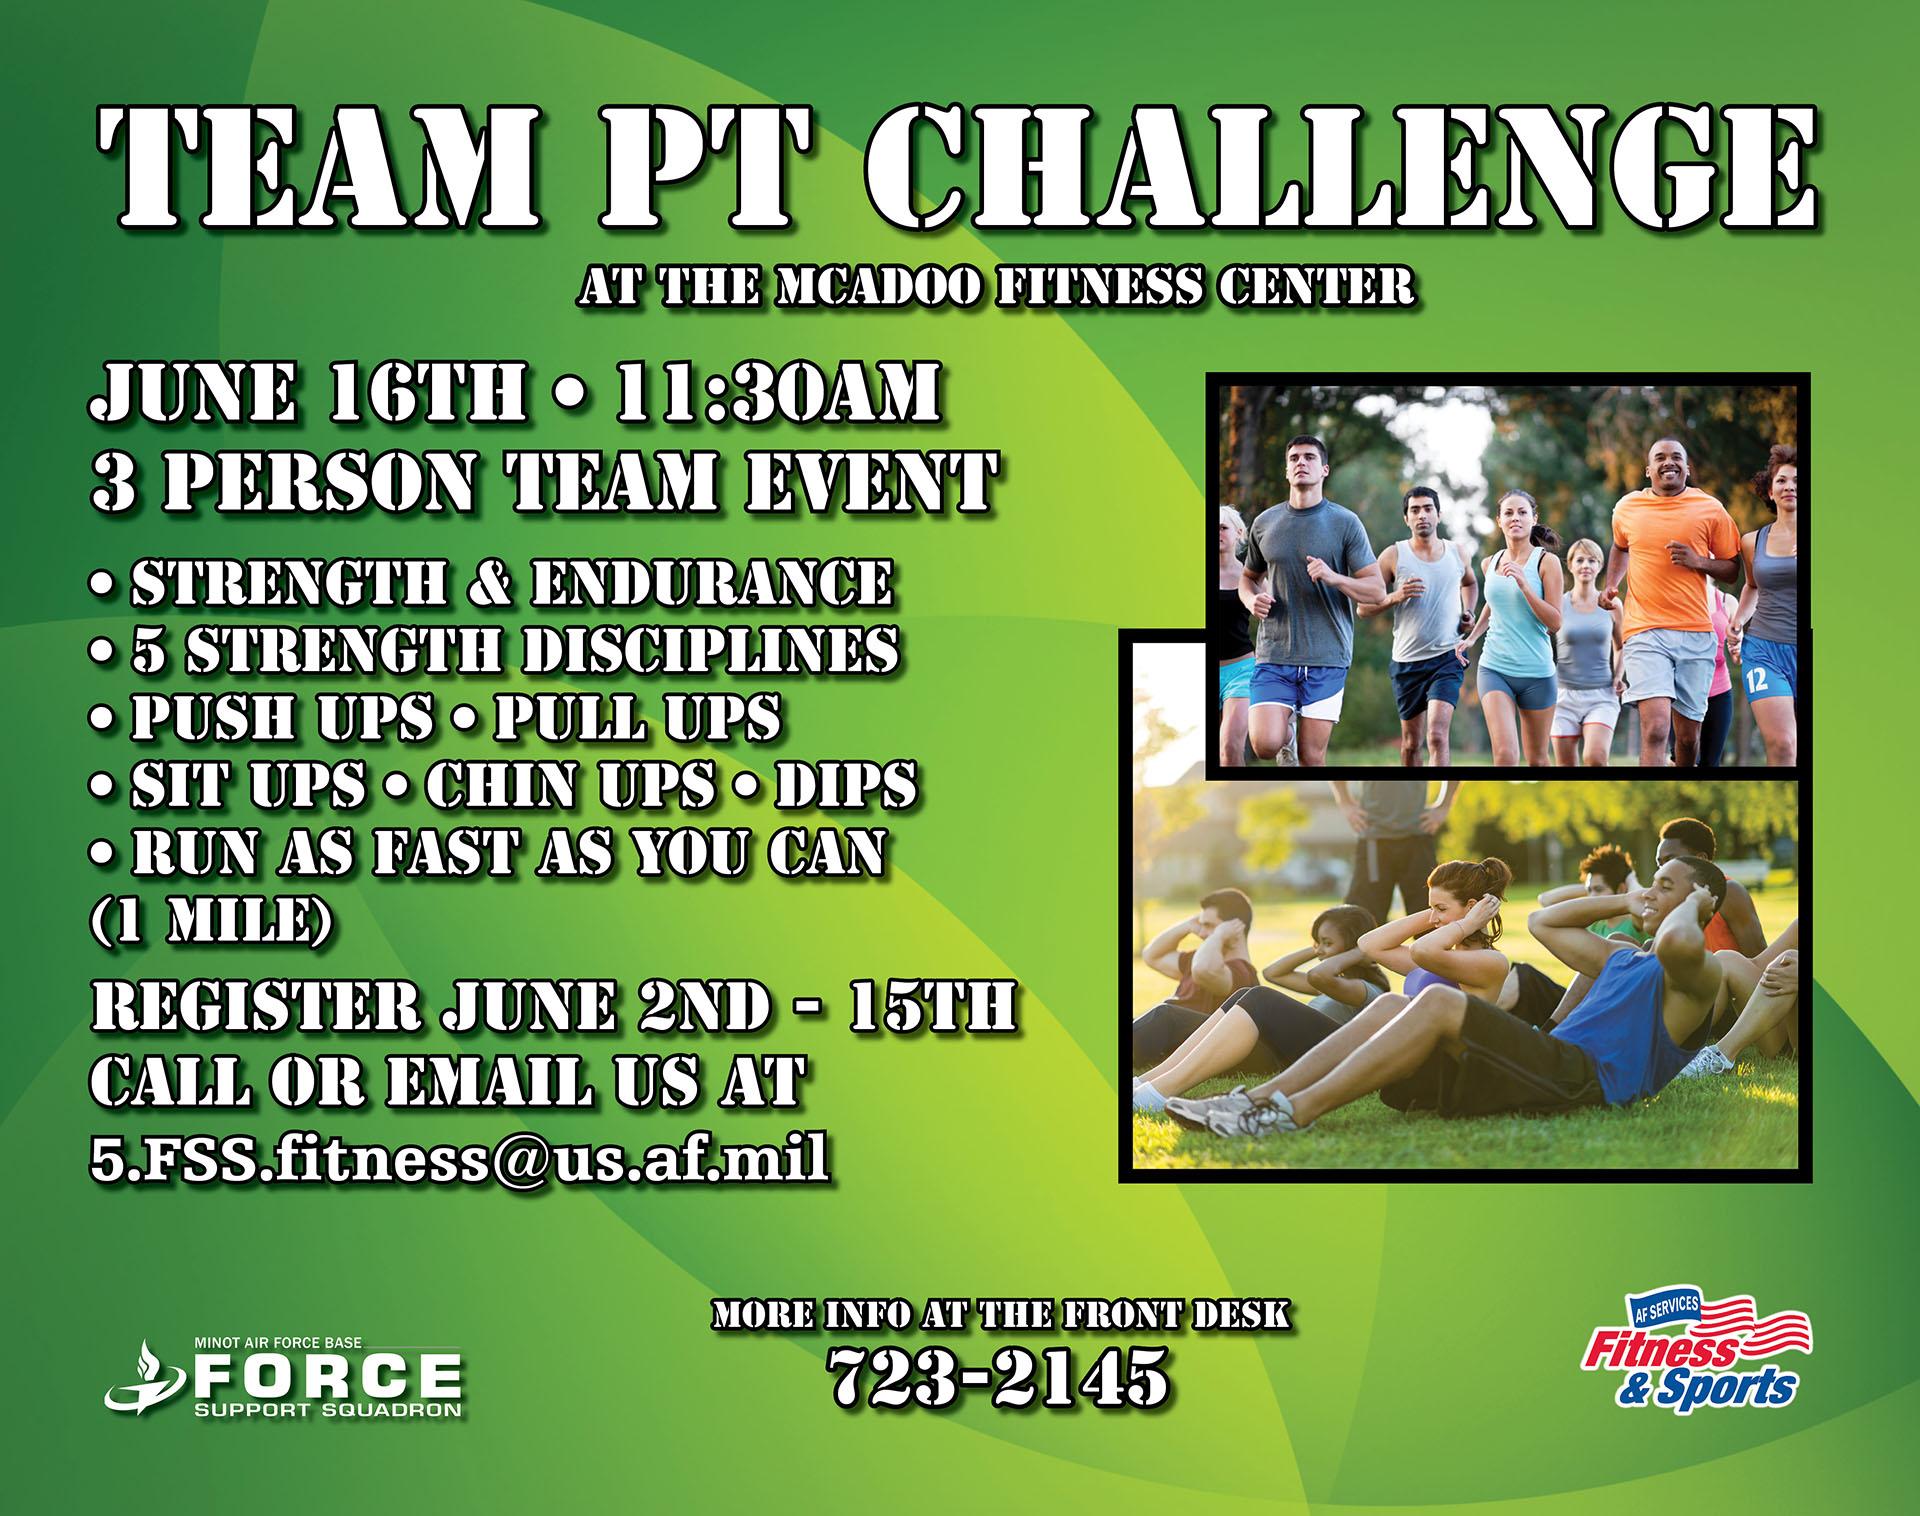 Registration Begins: Team PT Challenge